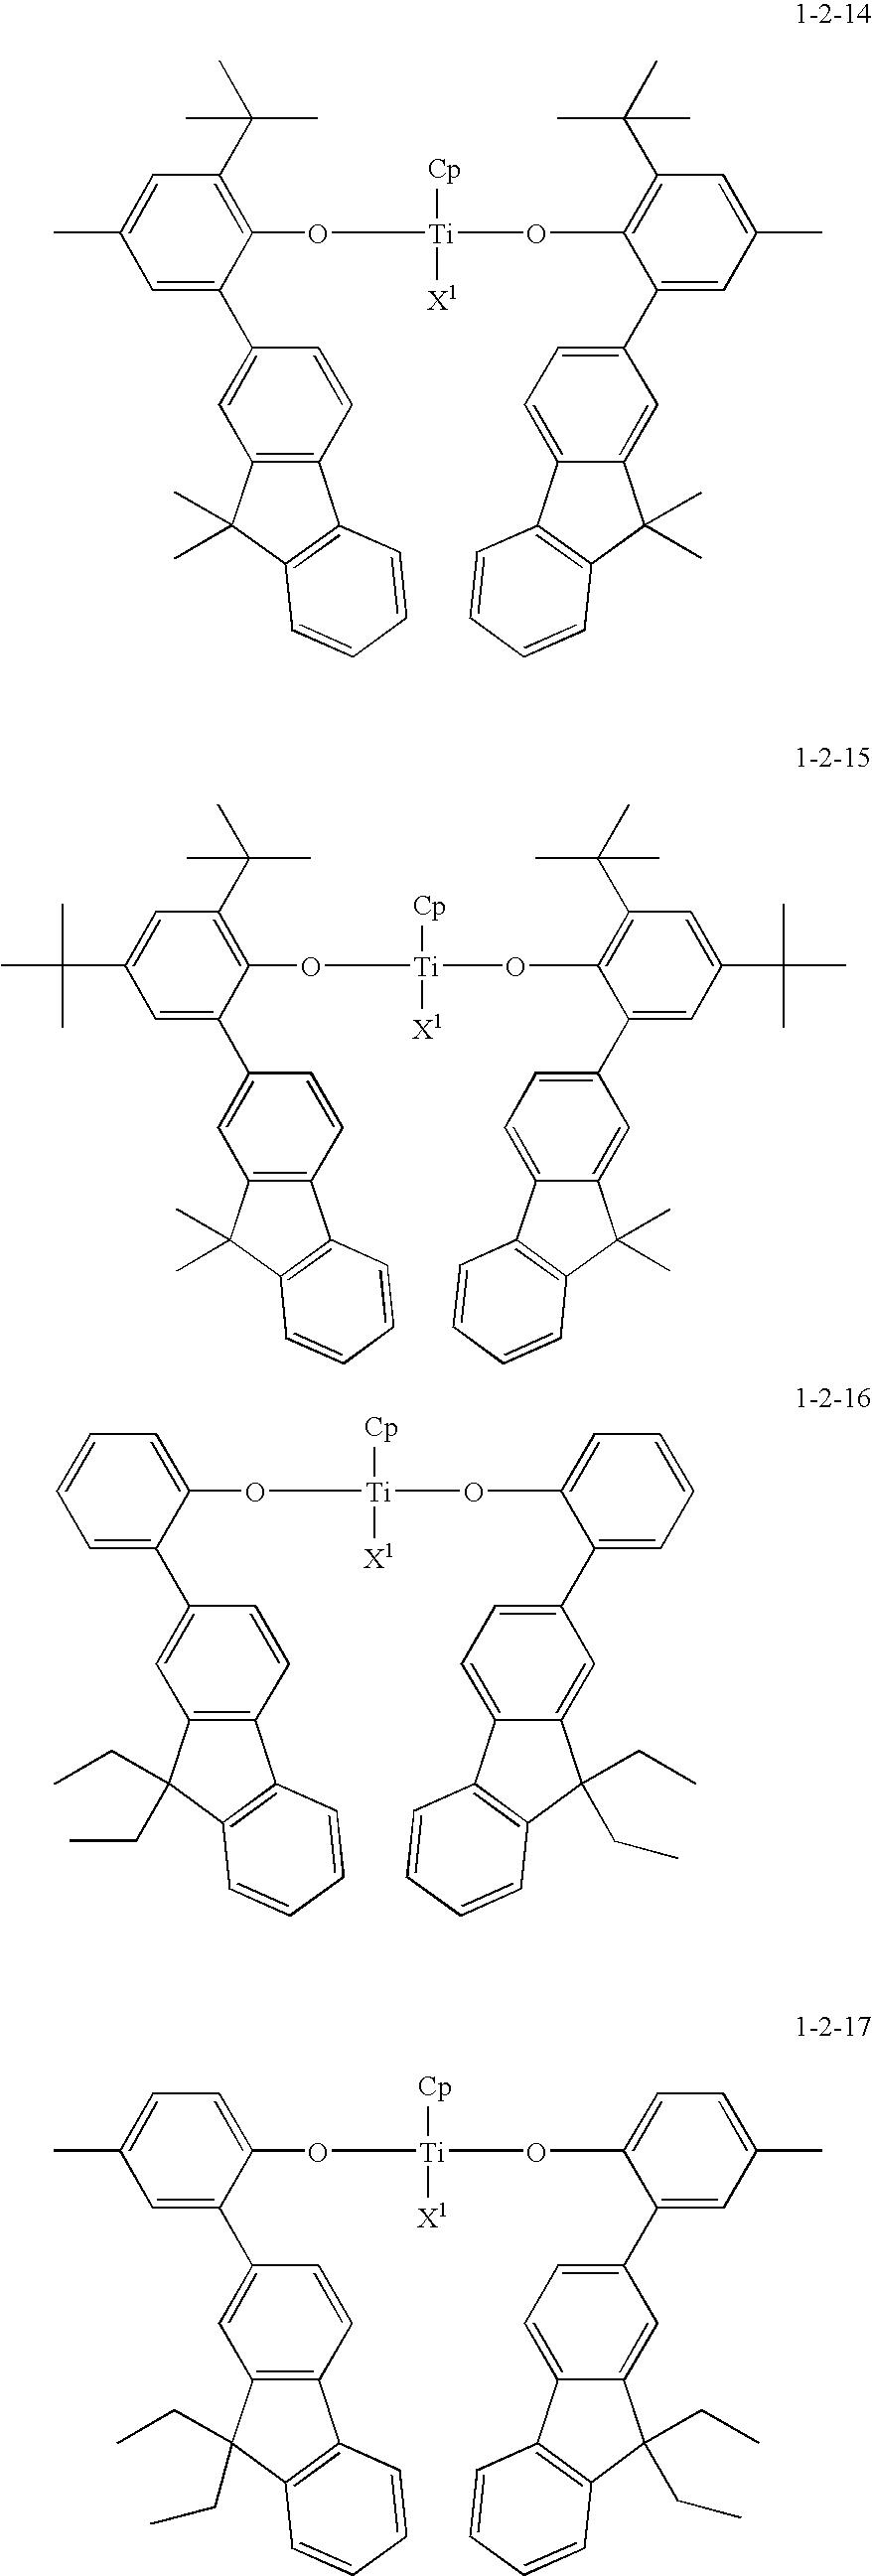 Figure US20100081776A1-20100401-C00015